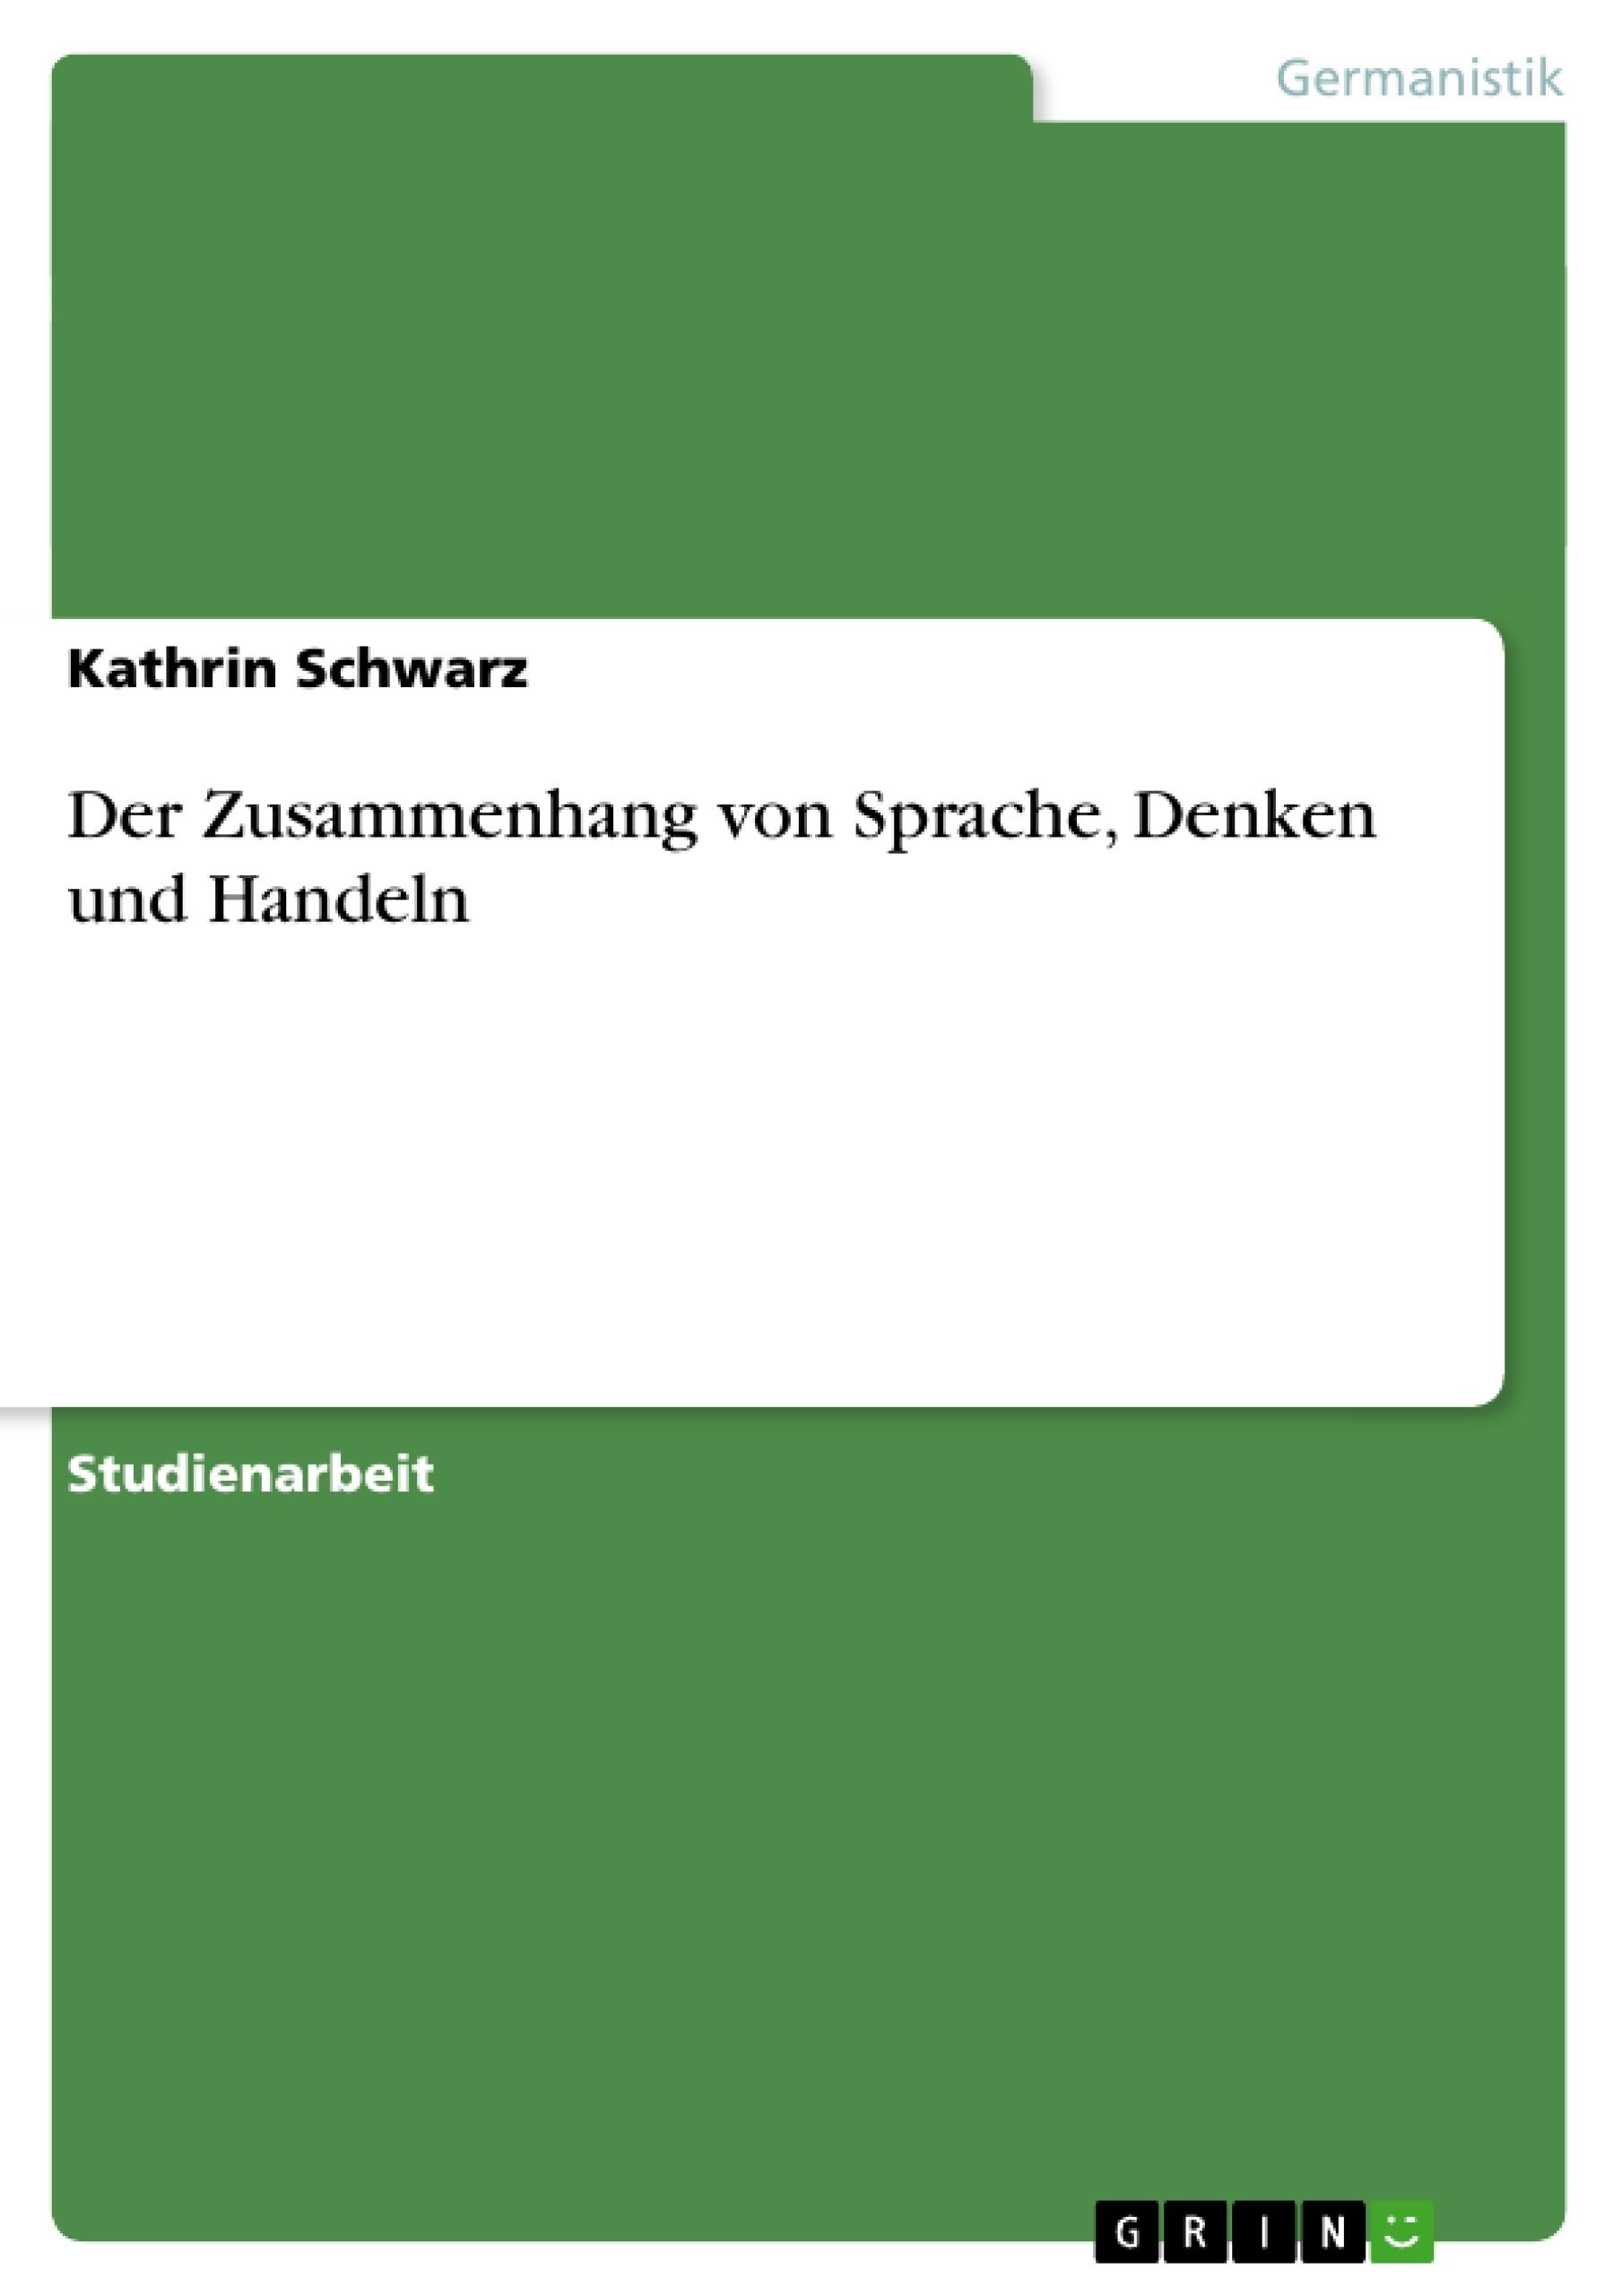 Titel: Der Zusammenhang von Sprache, Denken und Handeln